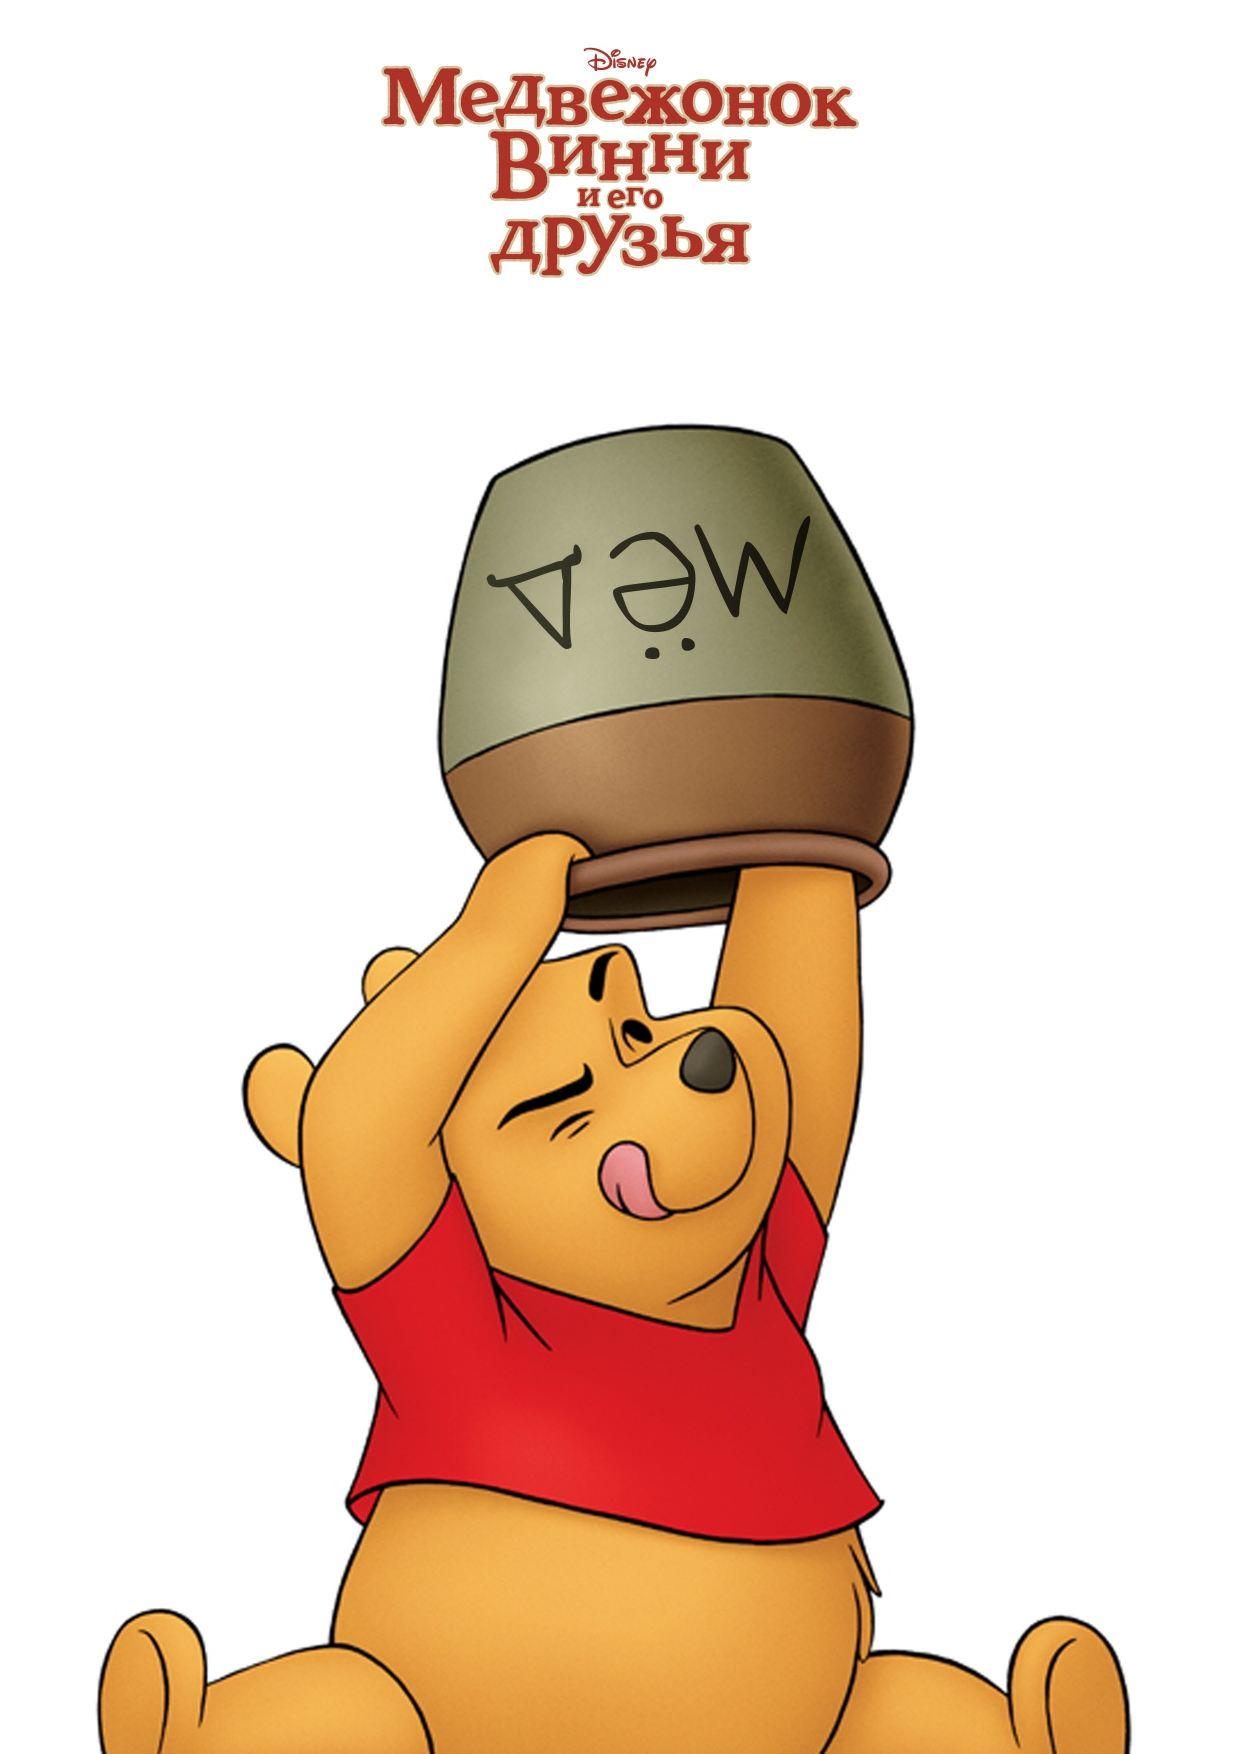 плакат фильма характер-постер локализованные Медвежонок Винни и его друзья